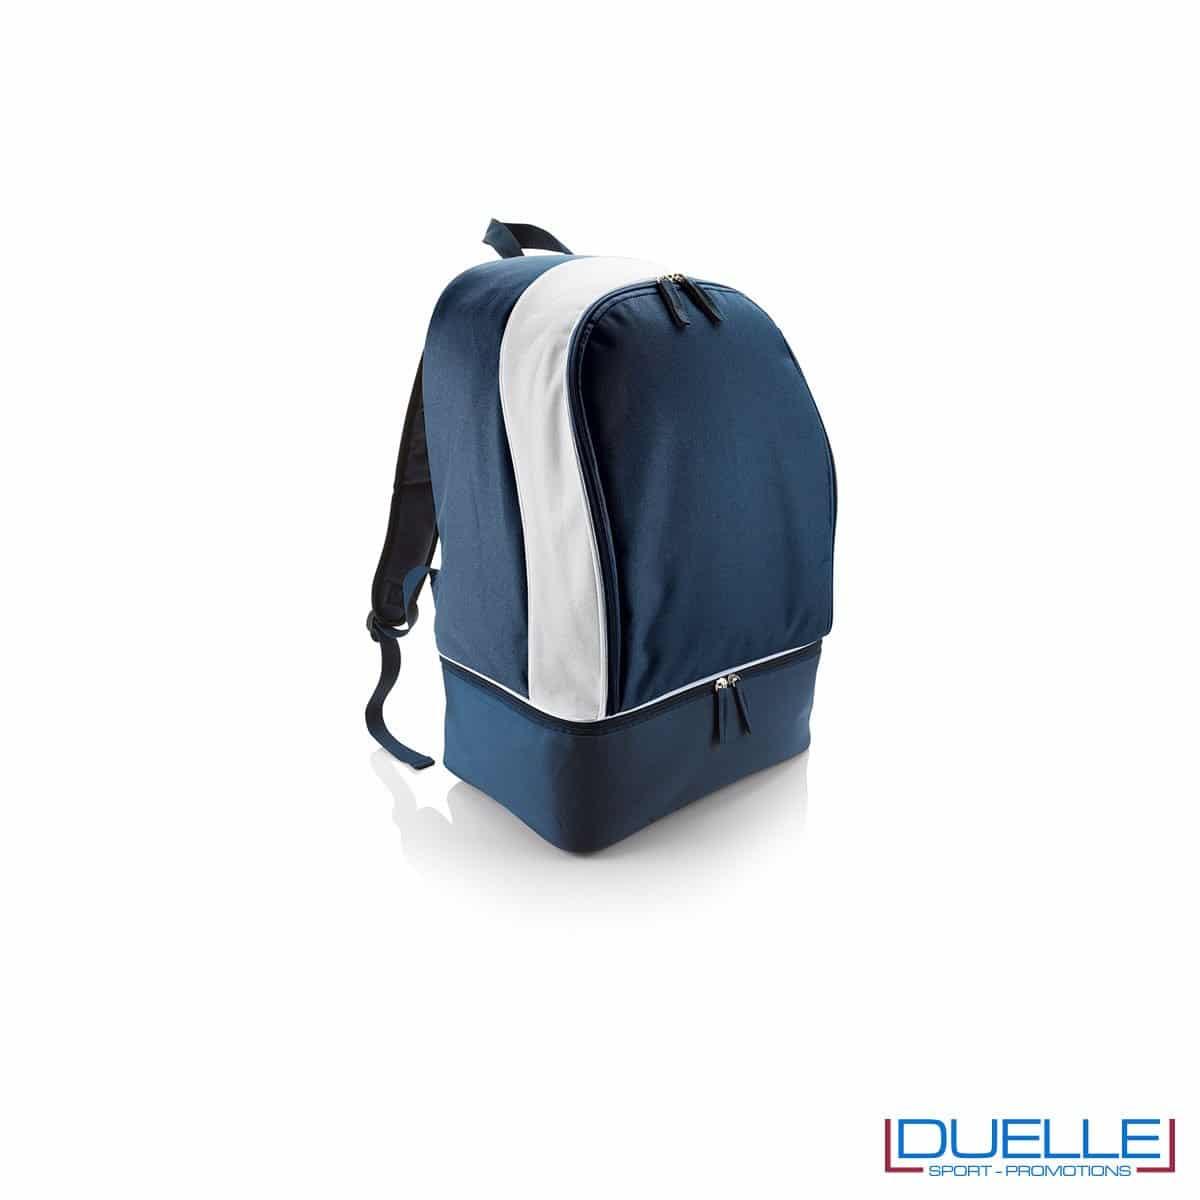 zaino sportivo personalizzato con porta scarpe in colore blu navy, zaini personalizzati per palestre e piscine blu navy